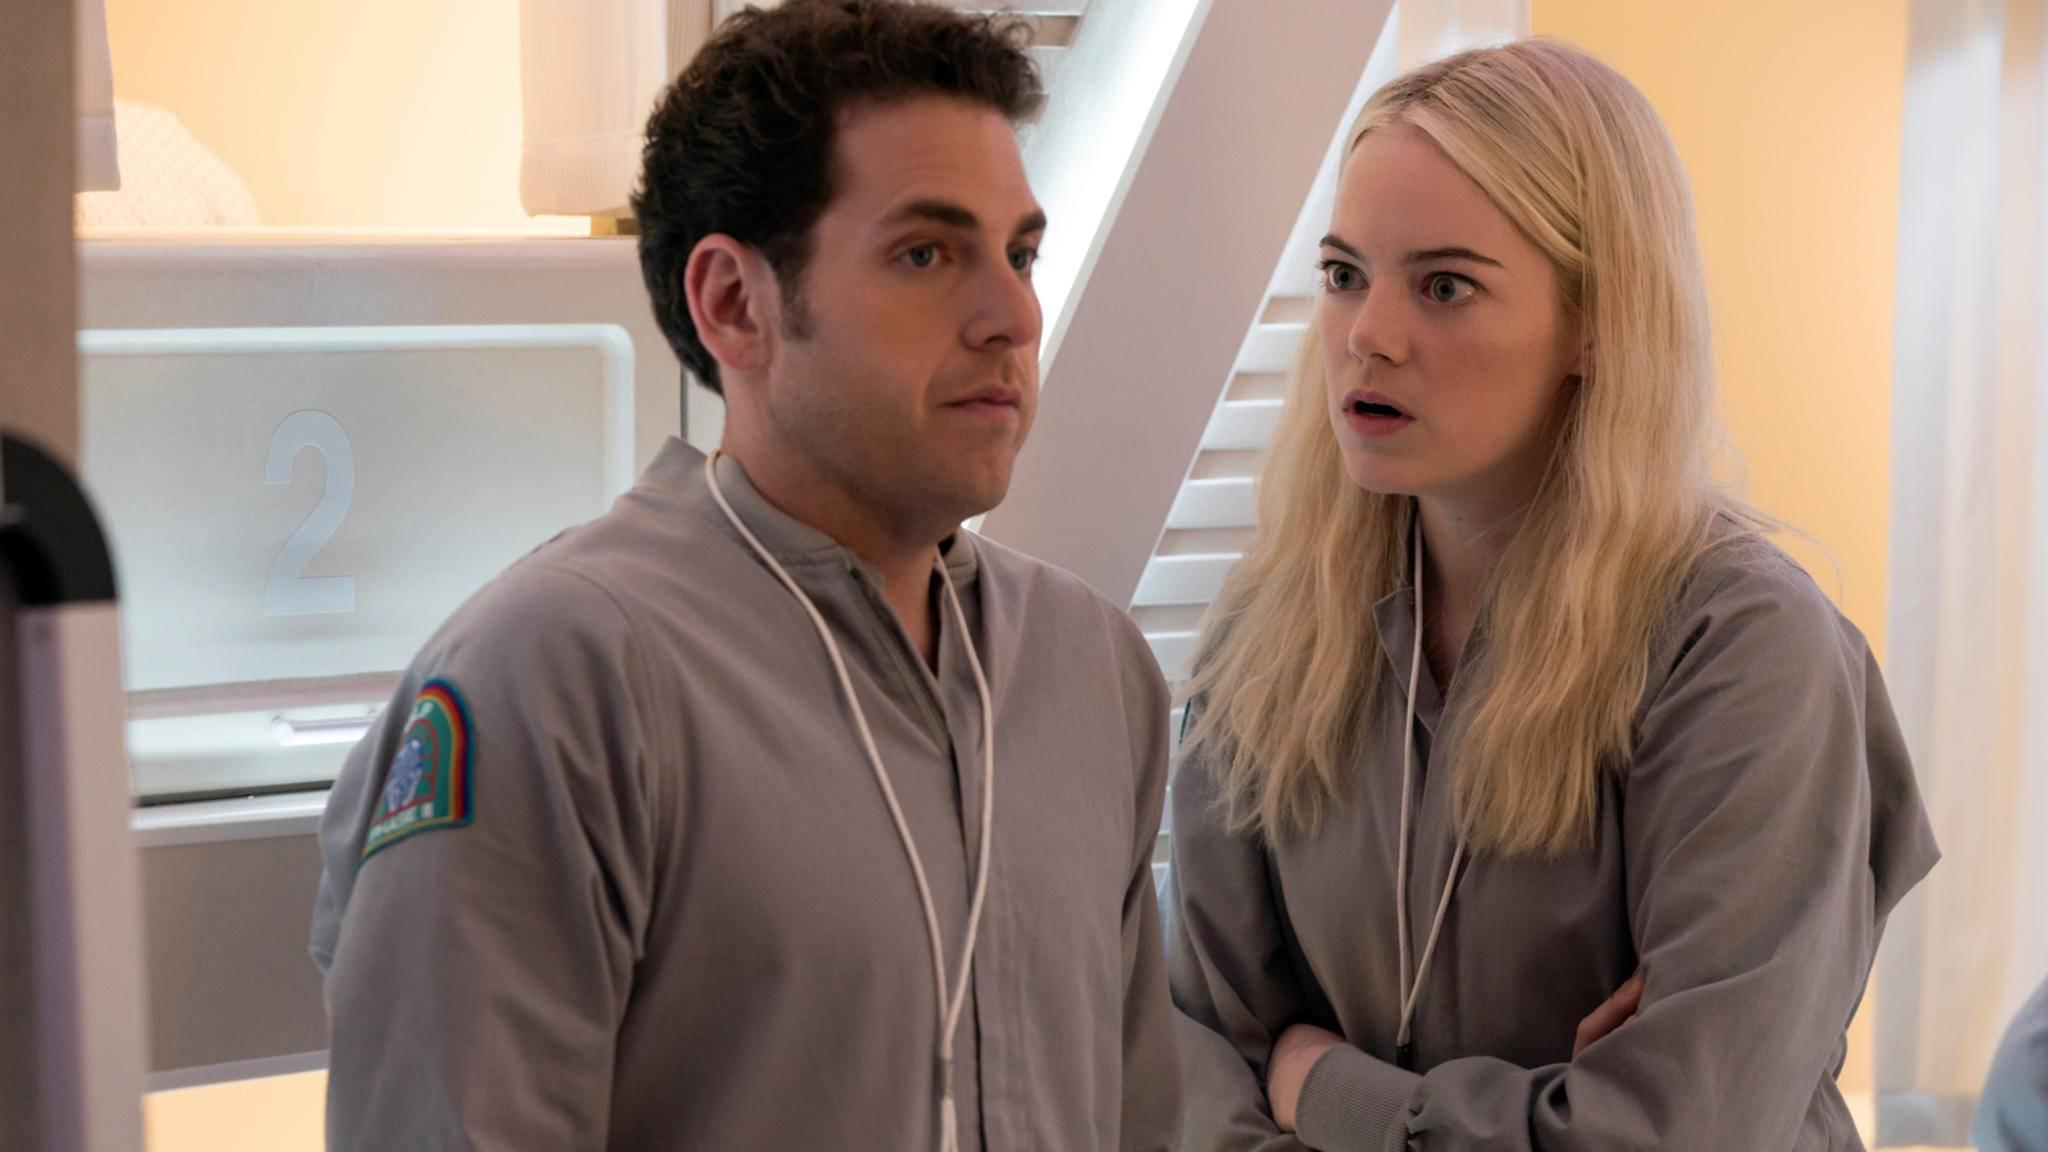 """""""Willst du wirklich nicht mitmachen?"""" Jonah Hill (links) war zuletzt an der Seite von Emma Stone in der Netflix-Serie """"Maniac"""" zu sehen."""